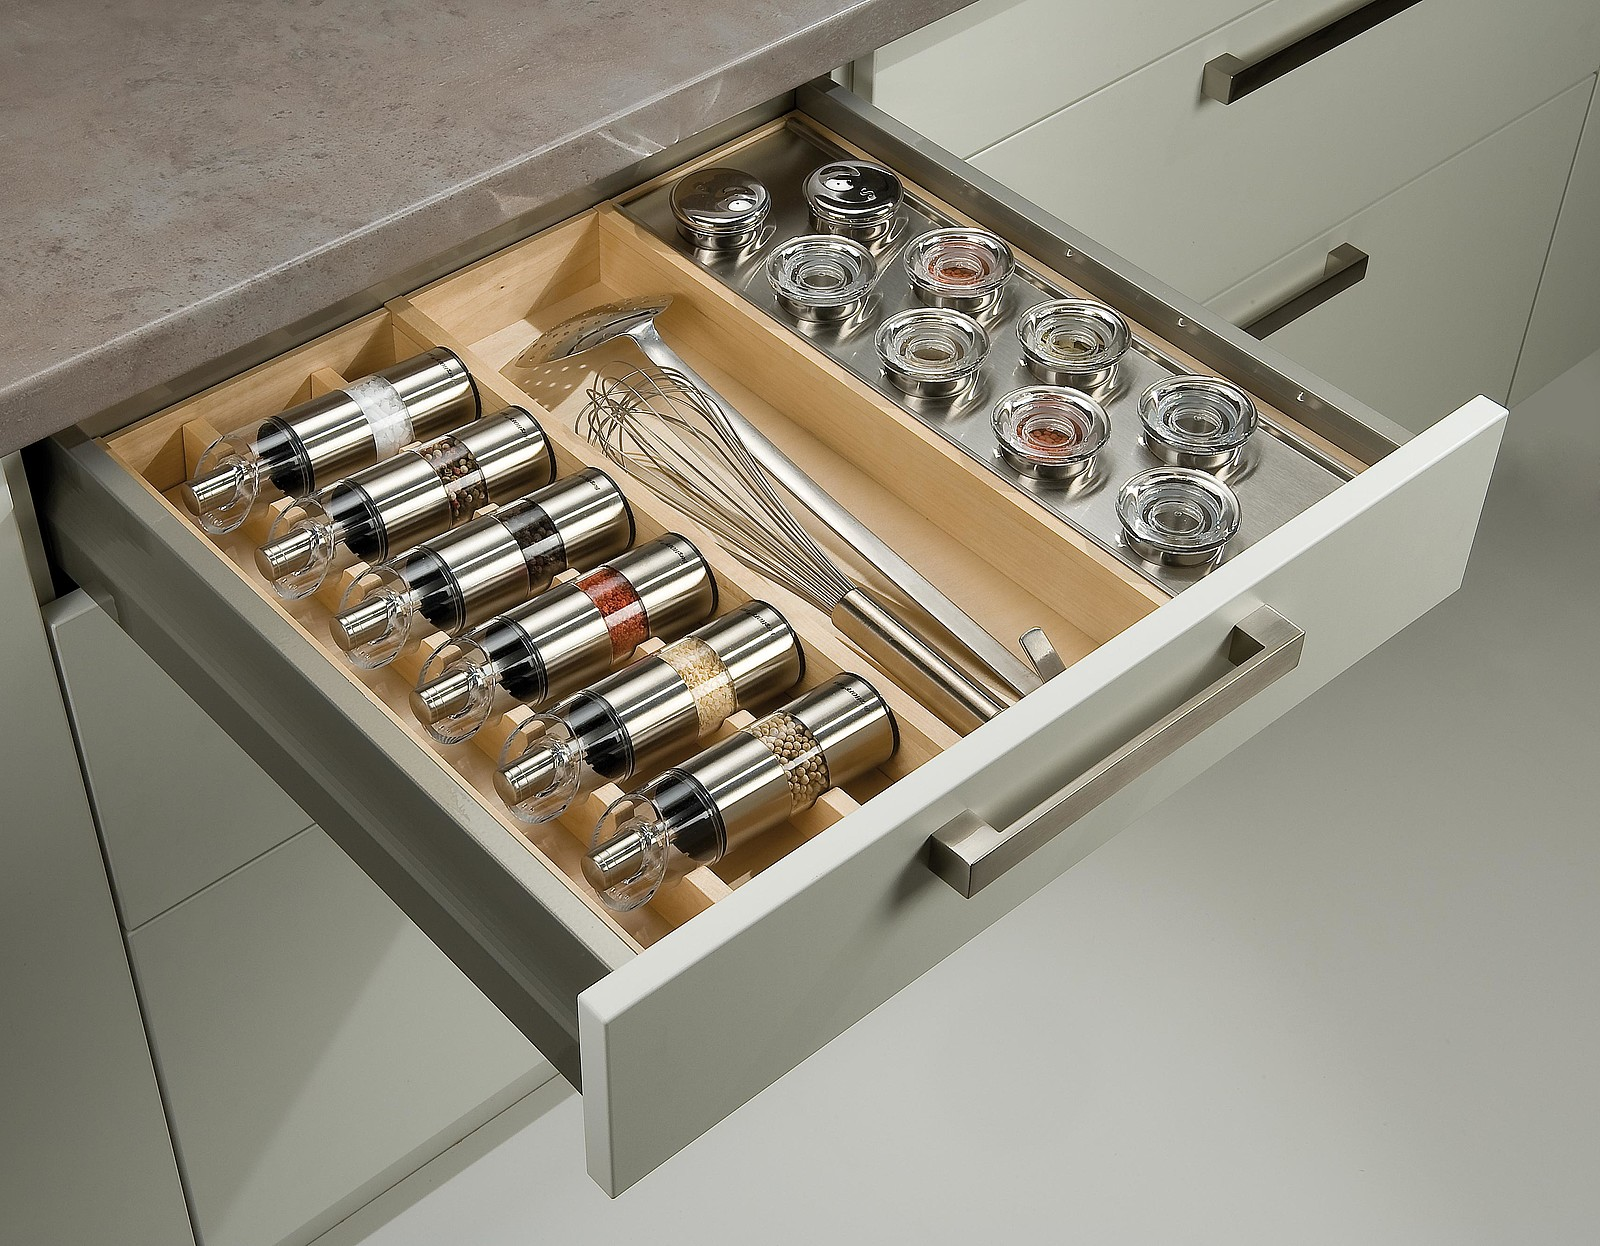 Full Size of Gewrzaufbewahrung So Lagern Sie Ihre Gewrze Richtig Schubladeneinsatz Küche Wohnzimmer Gewürze Schubladeneinsatz